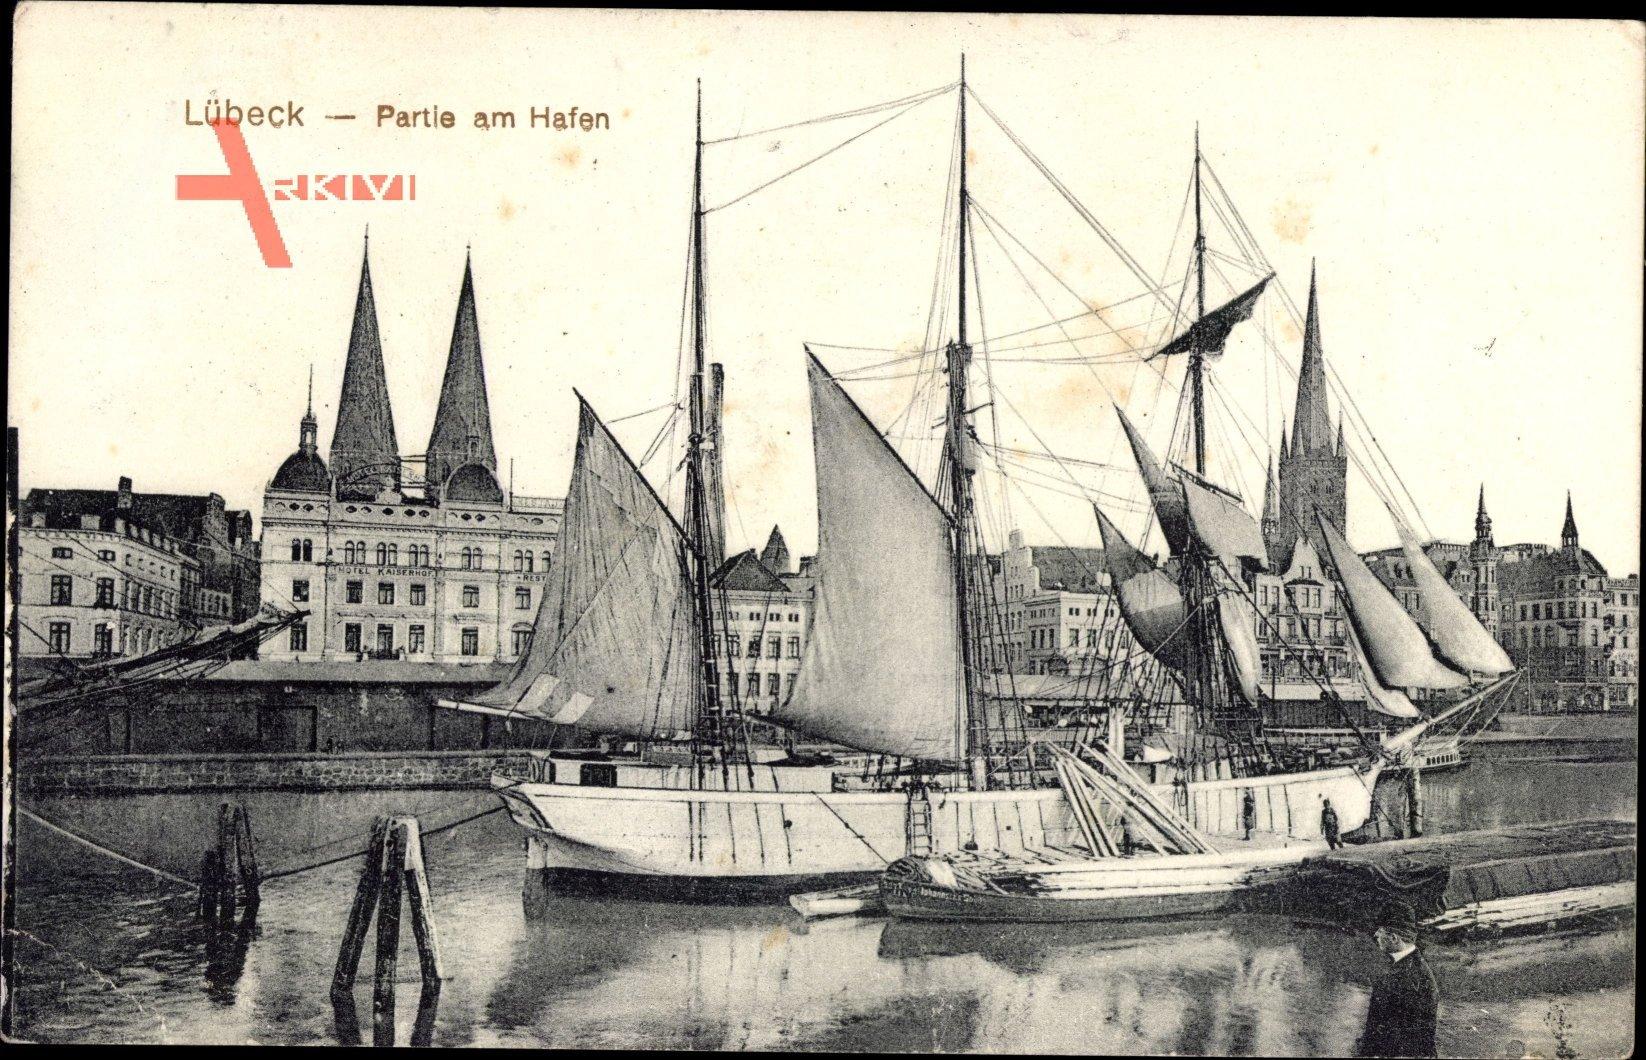 Lübeck in Schleswig Holstein, Partie am Hafen, Segelschiff, Kirchturm